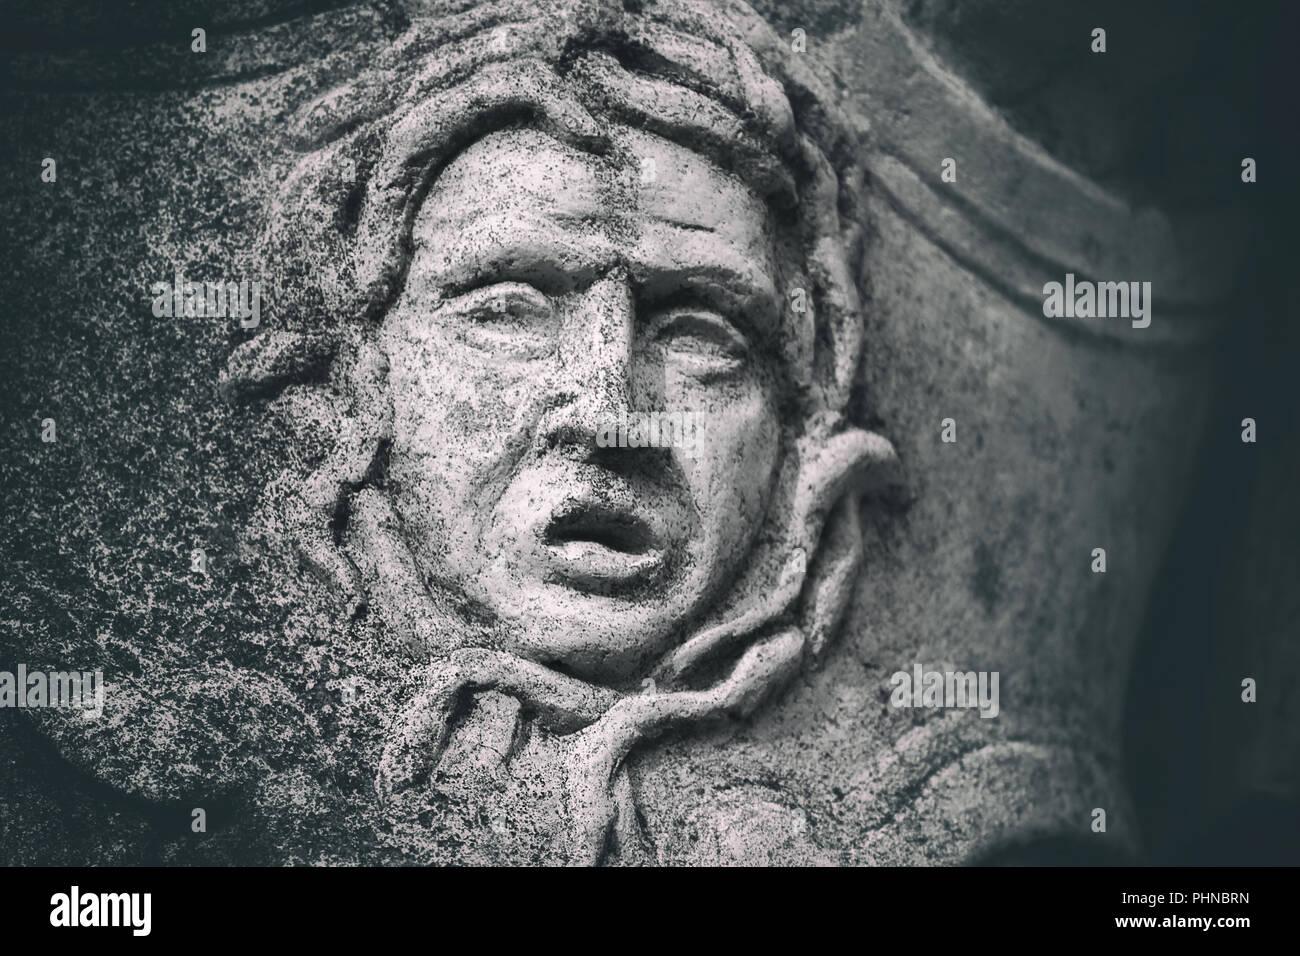 Detalle de la estatua de cerca de una mueca de piedra desgastada Imagen De Stock